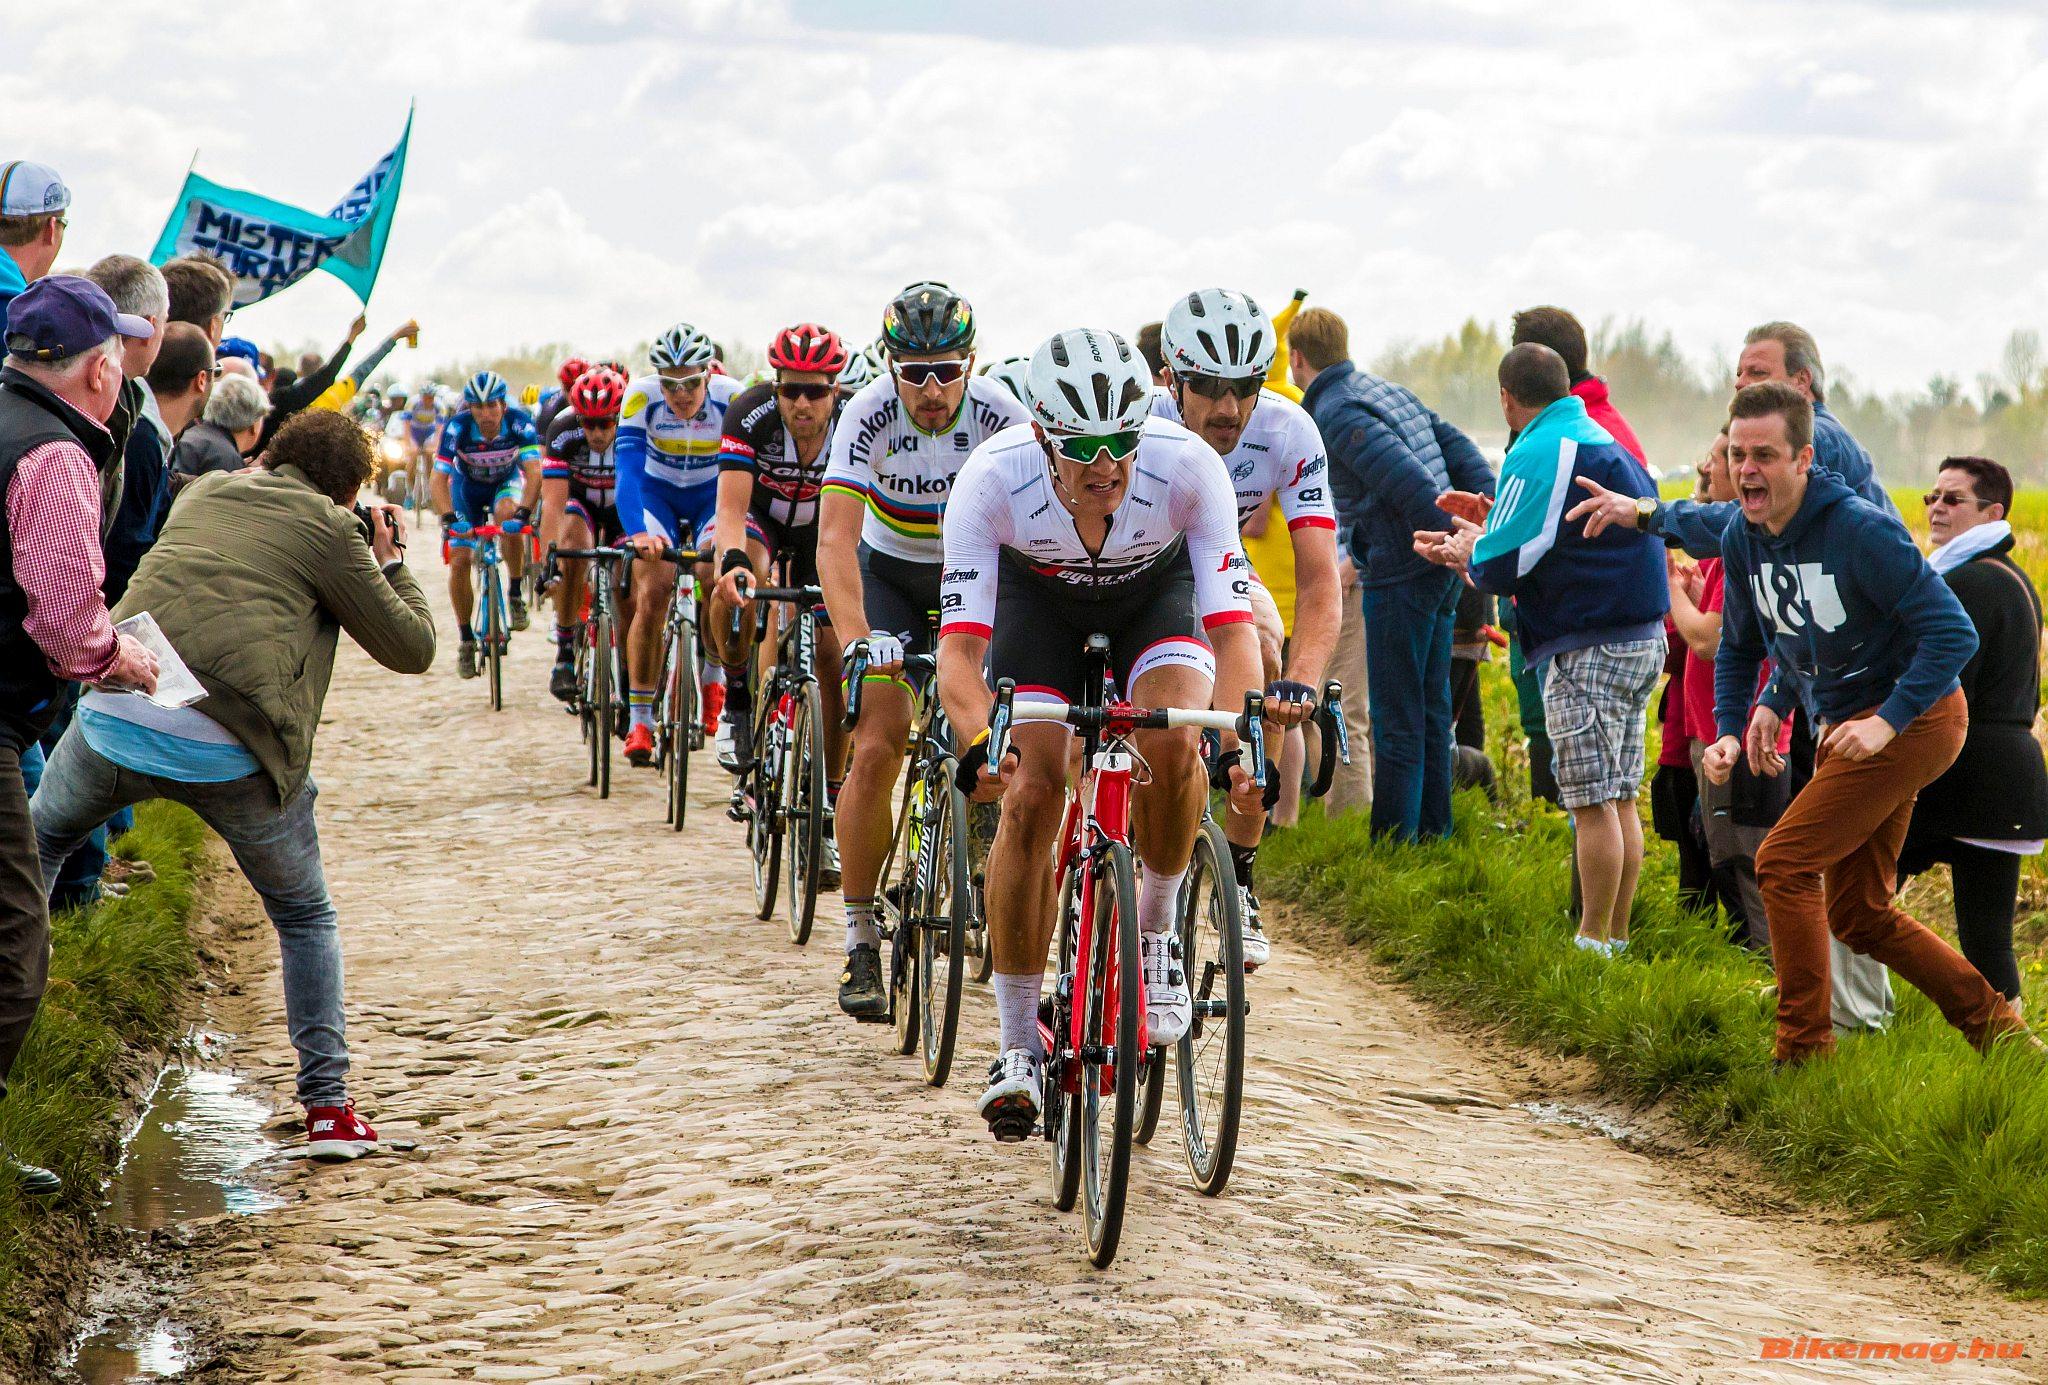 Mögöttük Stuyven hozza Cancellarát, akinek a kerekére végig tapadt a világbajnok Peter Sagan is